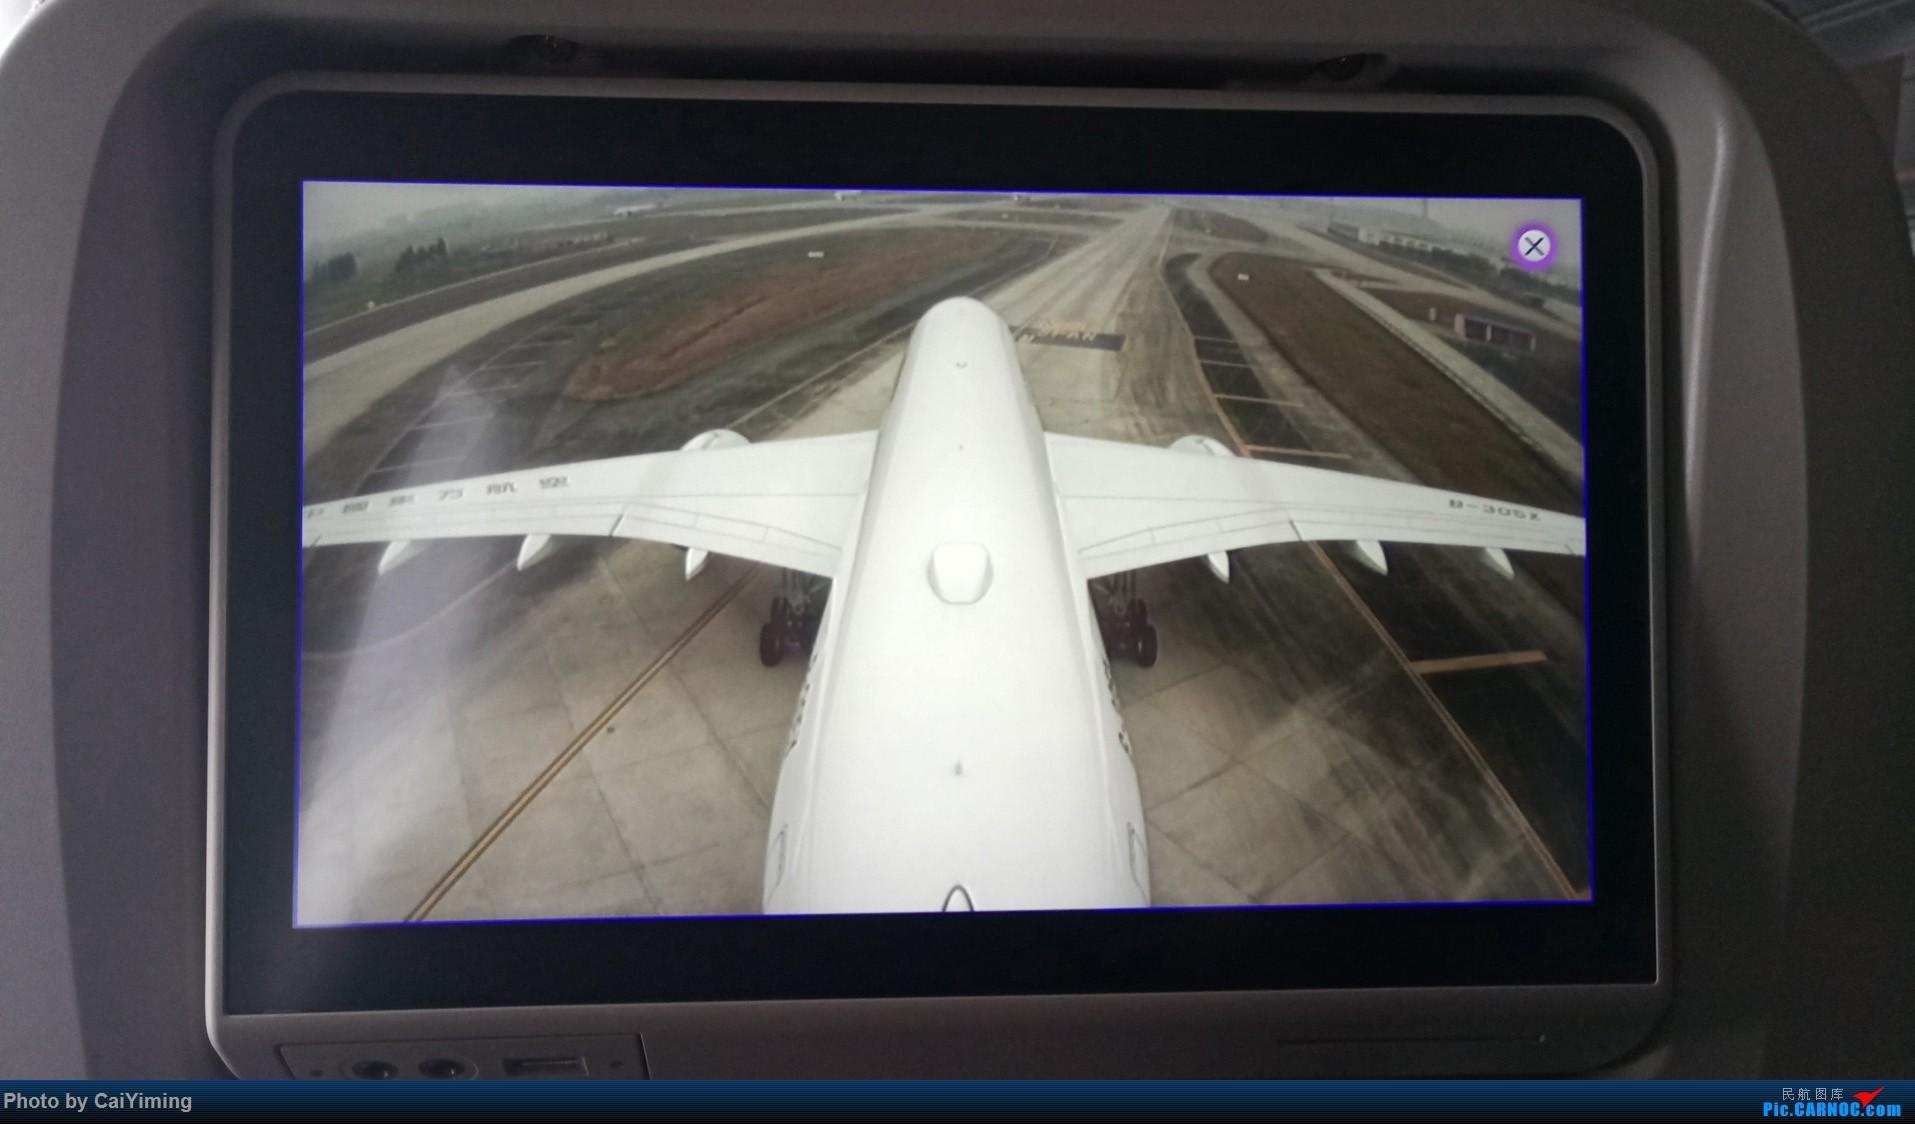 Re:[原创]【人在旅途】成都-浦东-虹桥-西安-南通-成都(3U+MU空客A359体验) AIRBUS A350-900 B-305X 中国成都双流国际机场